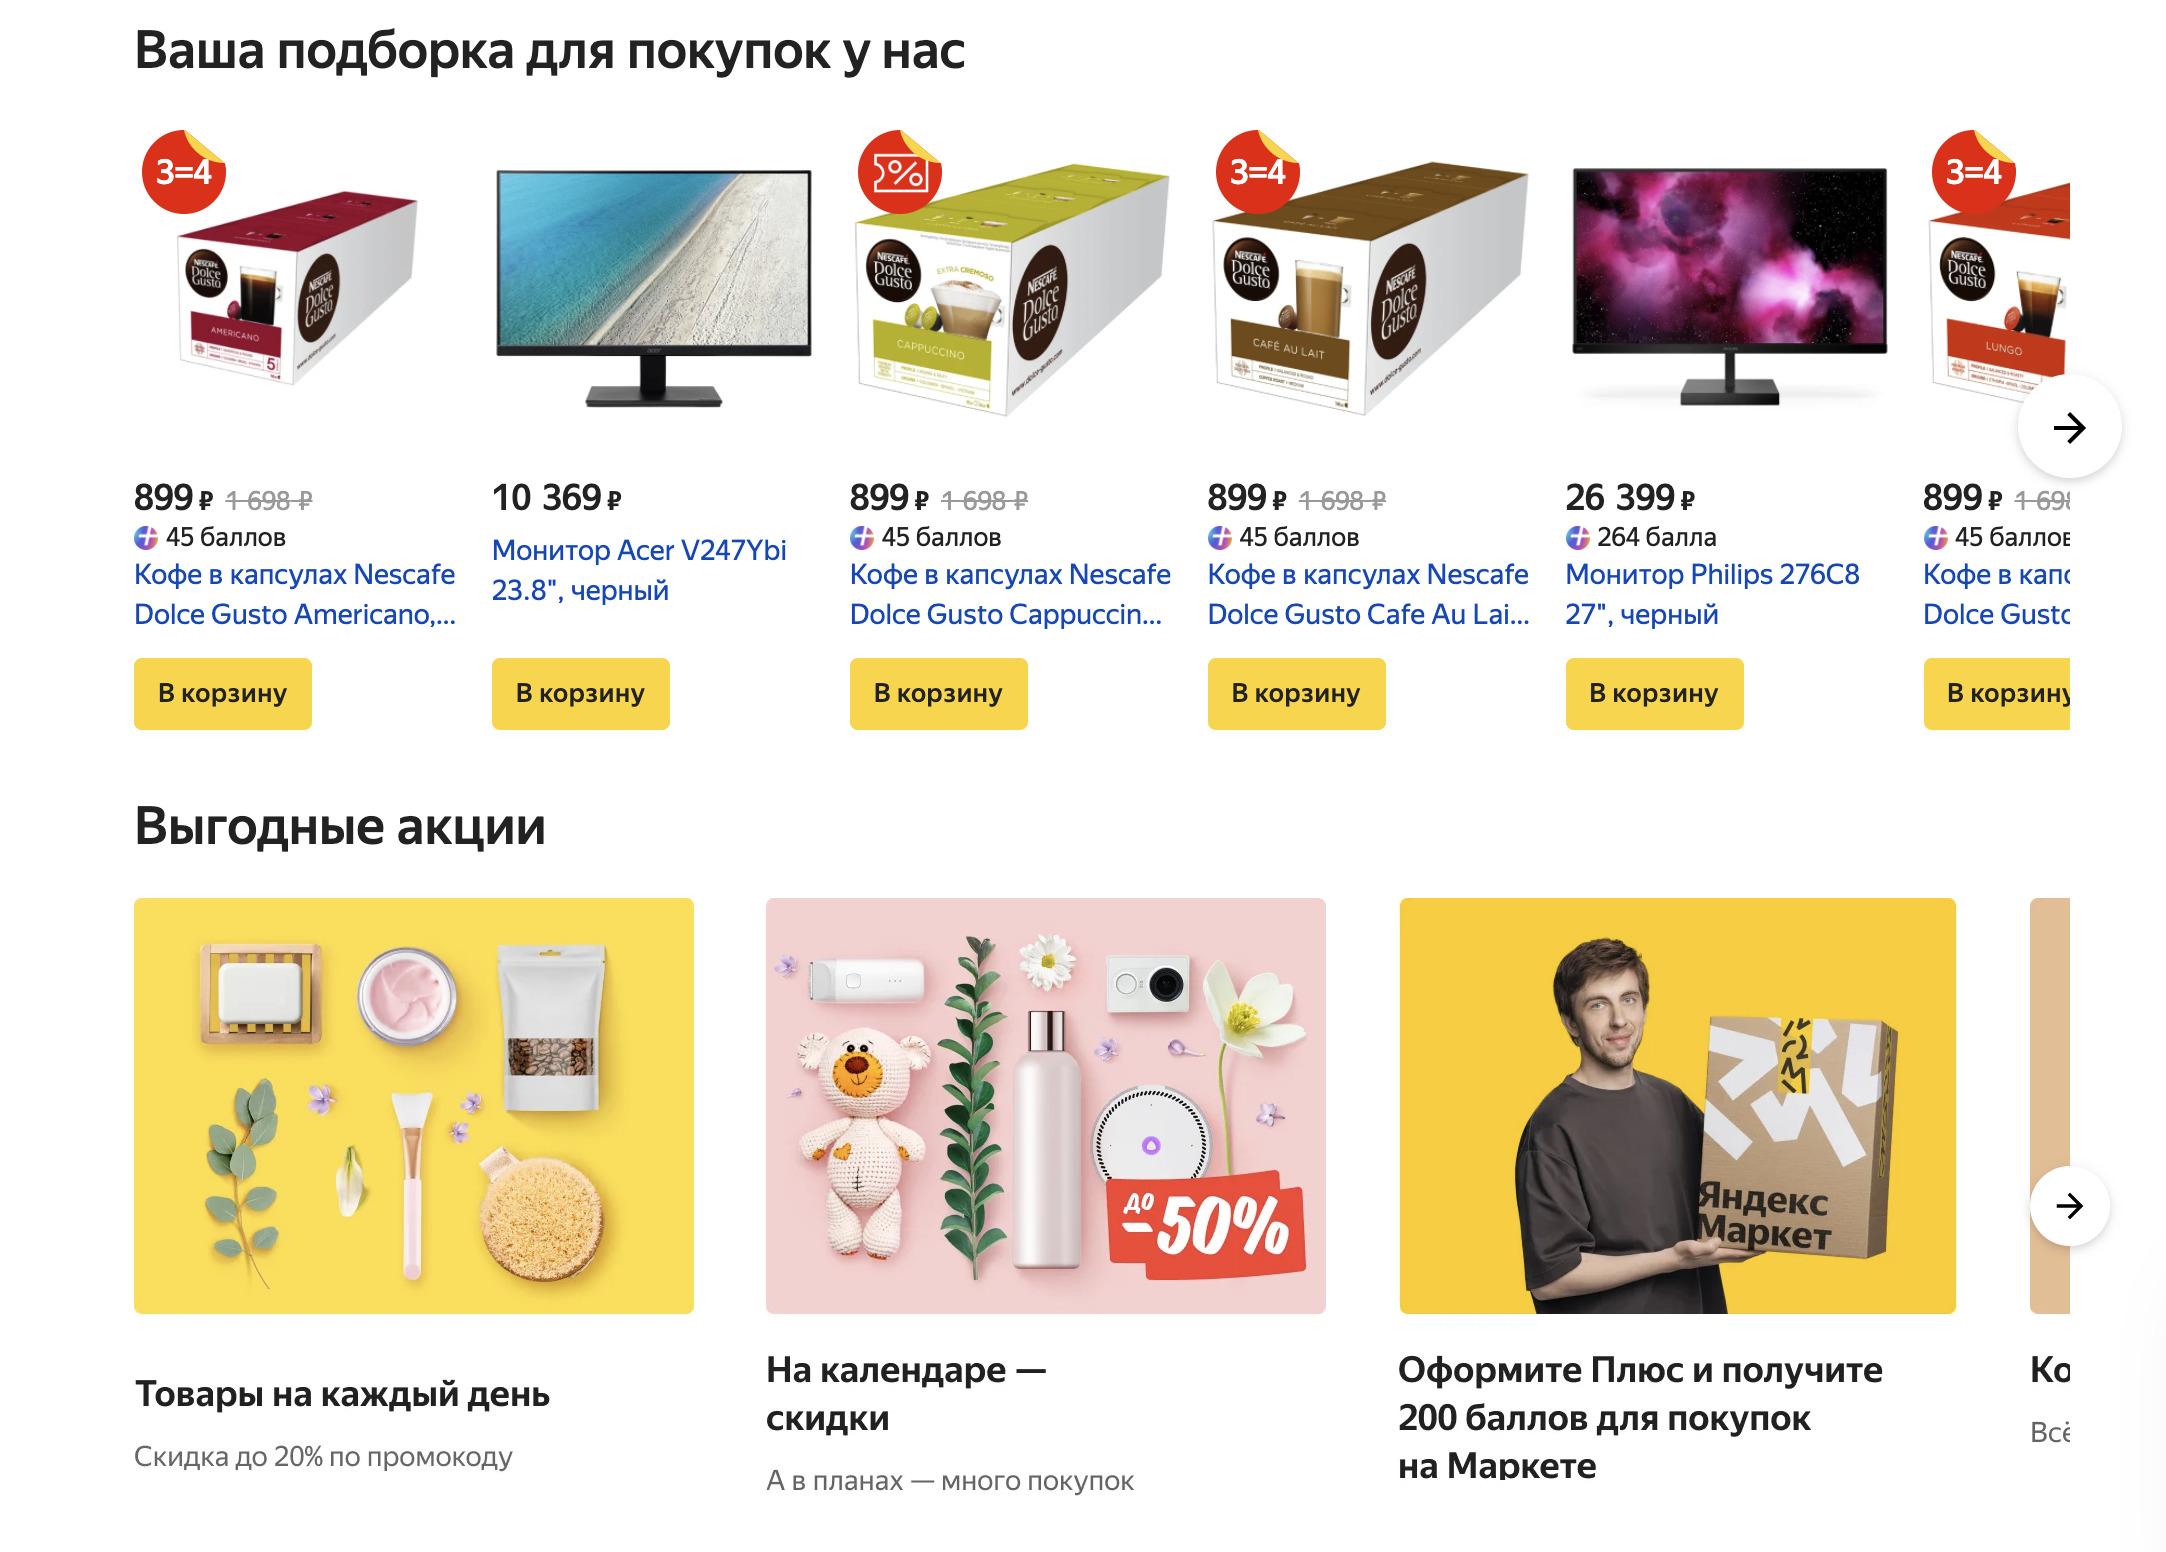 Доставка из Яндекс.Маркет в Комсомольск-на-Амуре, сроки, пункты выдачи, каталог